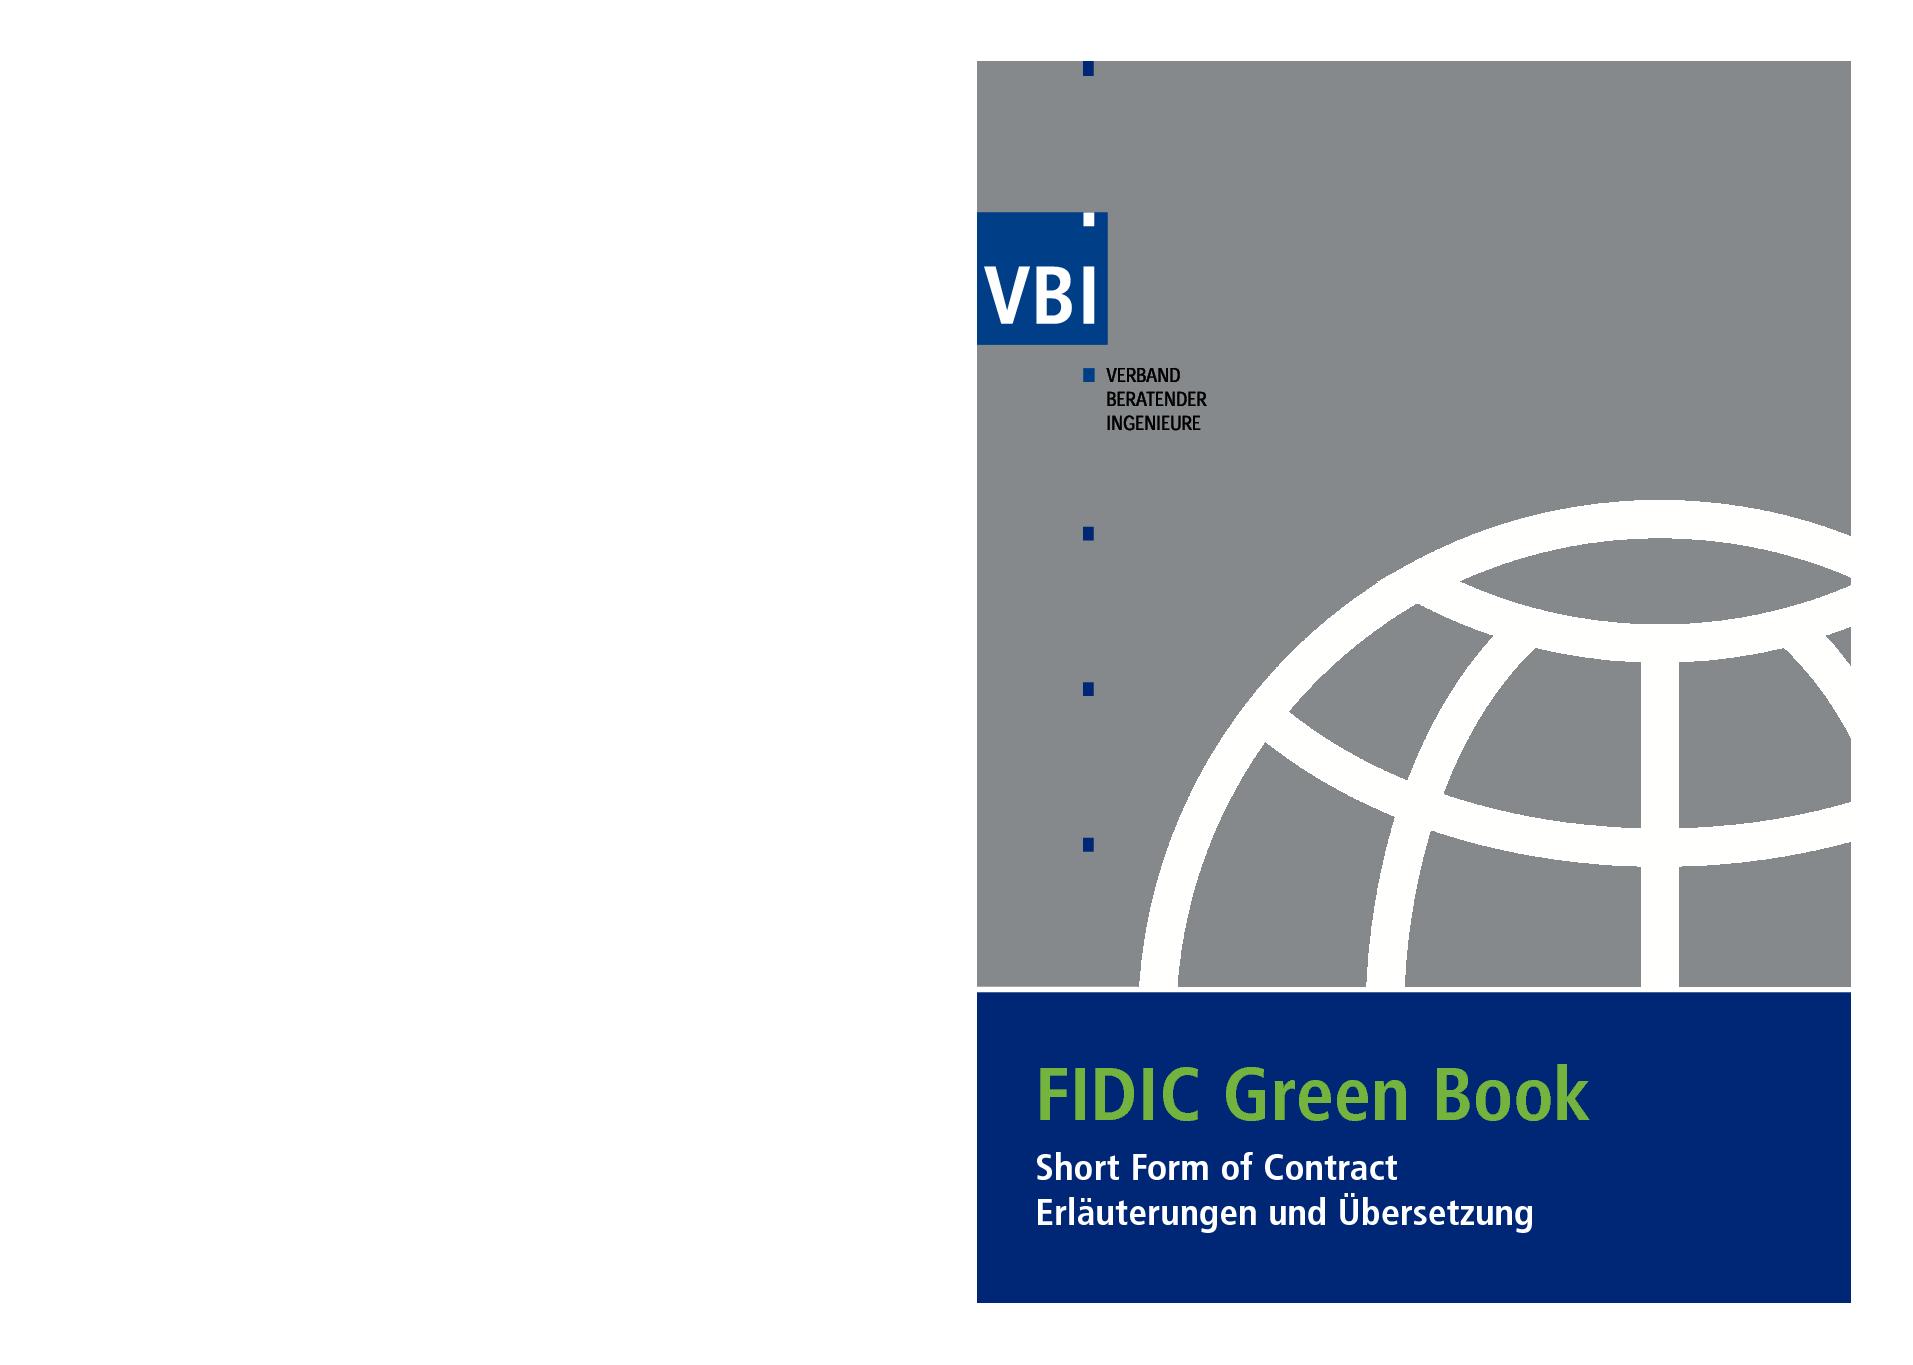 Fidic Green Book Pdf